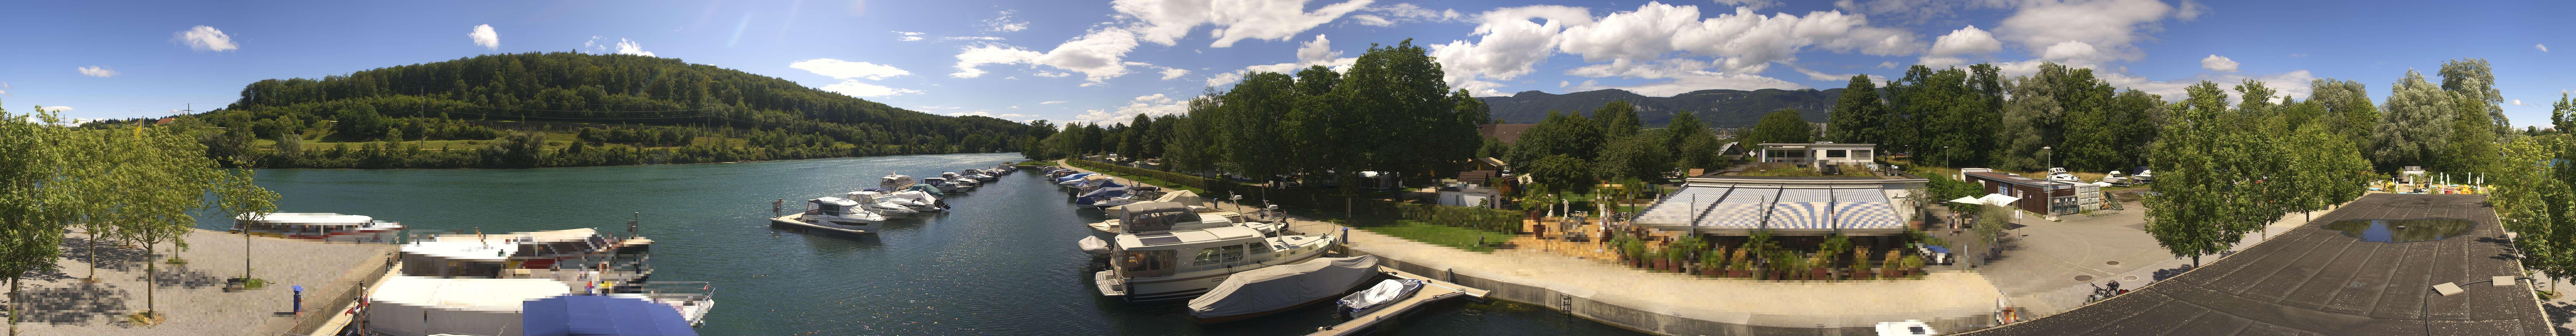 Livecam Solothurn Hafen